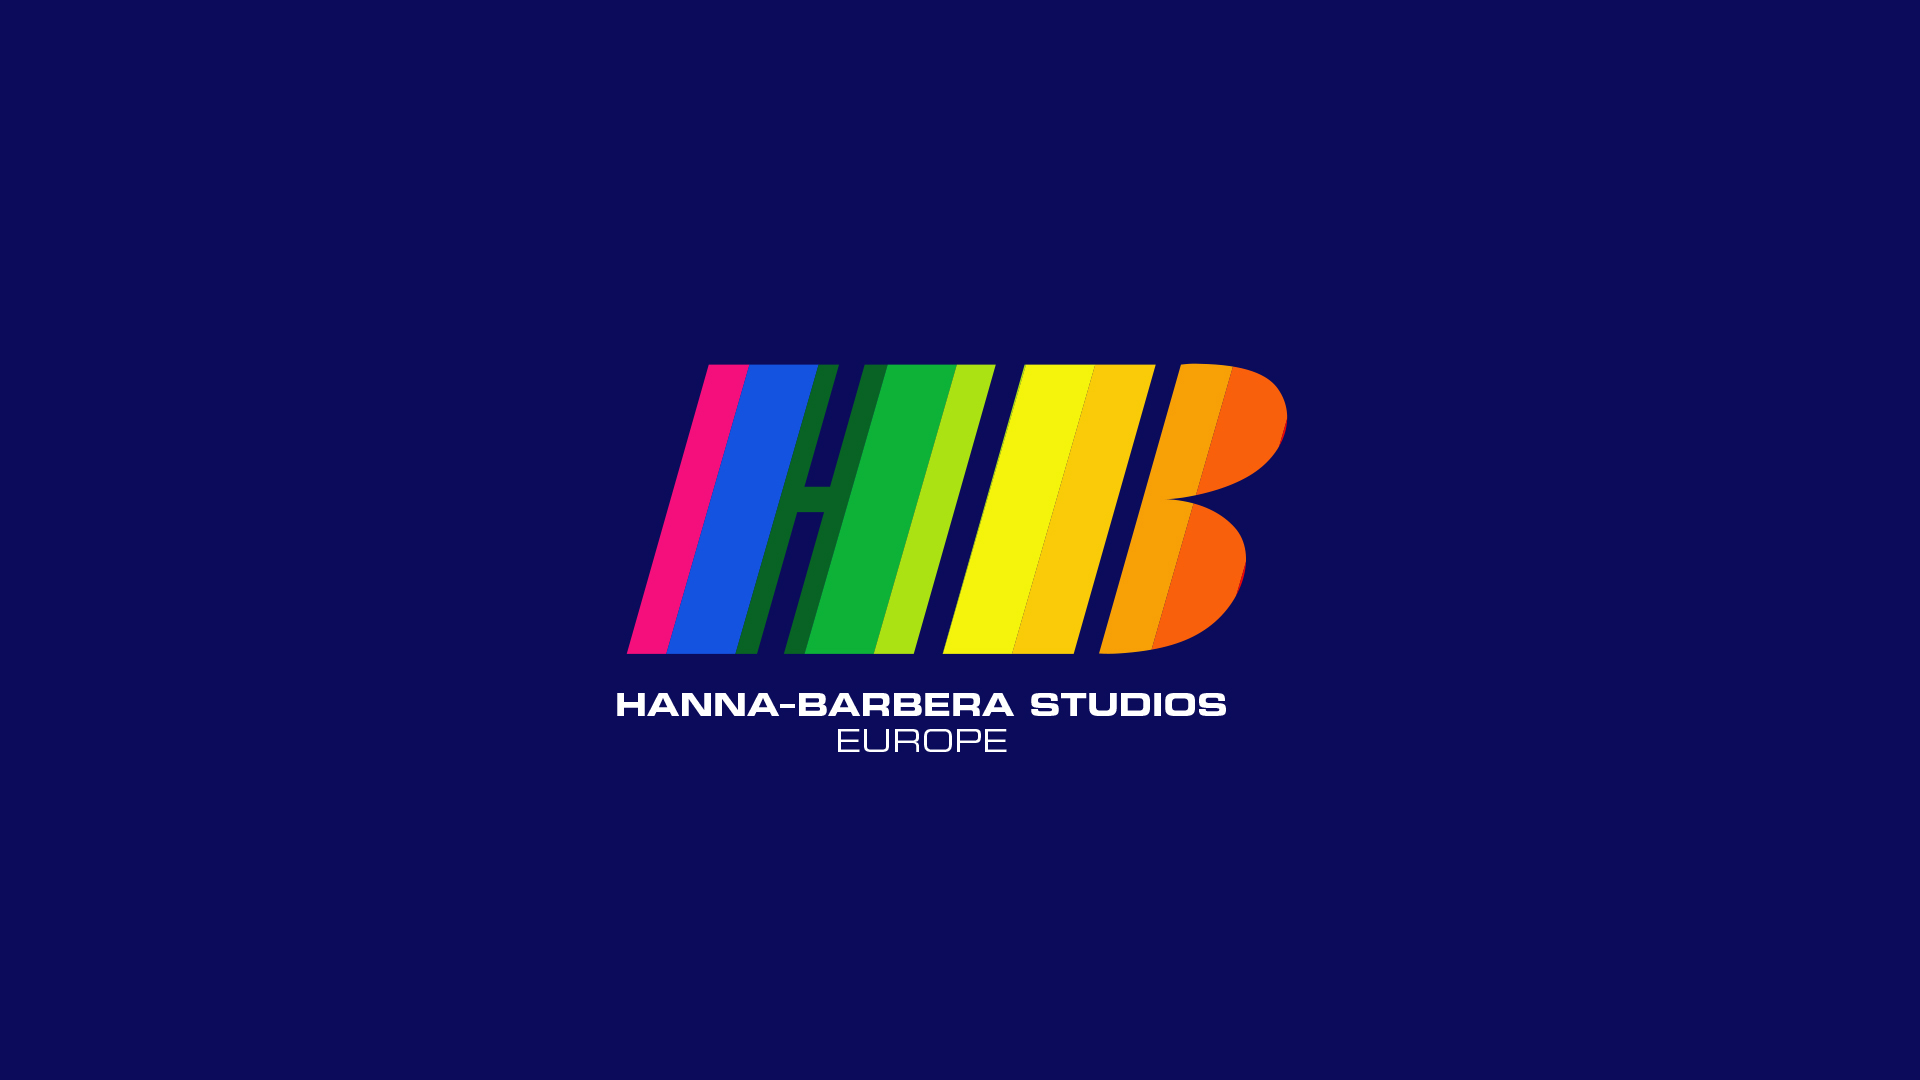 Hanna-Barbera Studios Europe става част от групата от първокласни анимационни студия на WarnerMedia 28